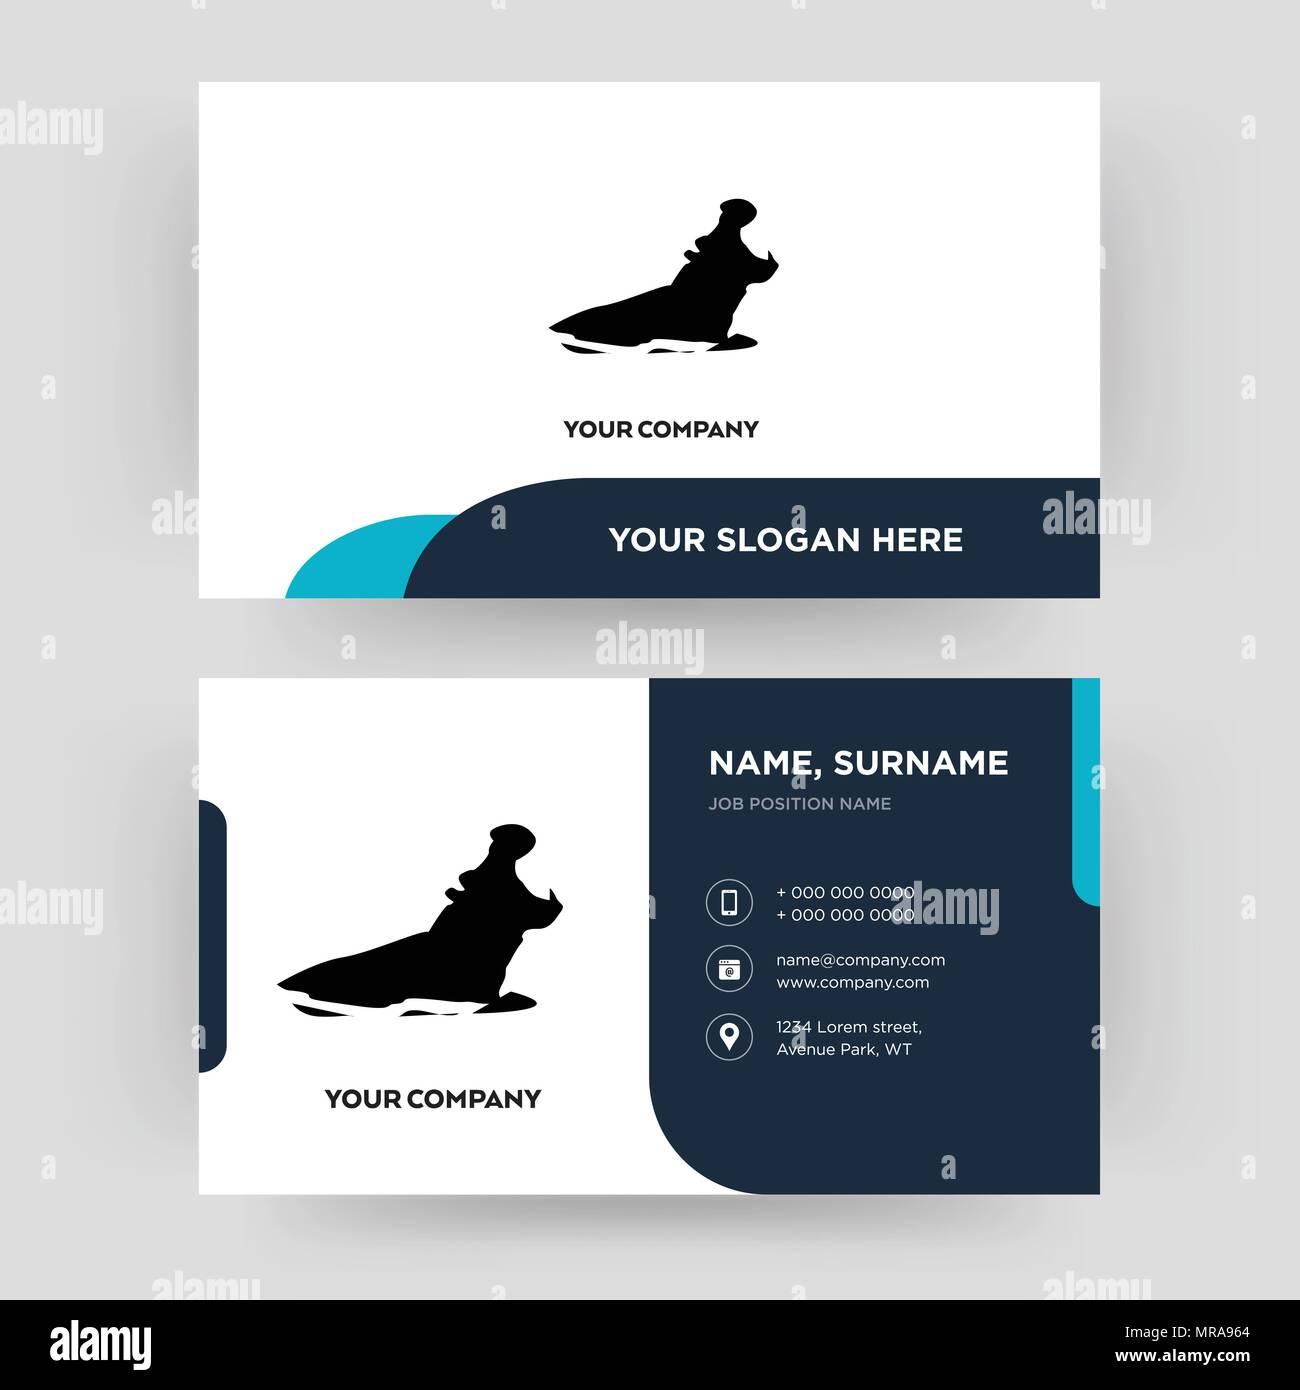 Lhippopotame Le Modle De Conception Carte Visite Pour Votre Entreprise Crative Et Moderne Didentit Propre Vector